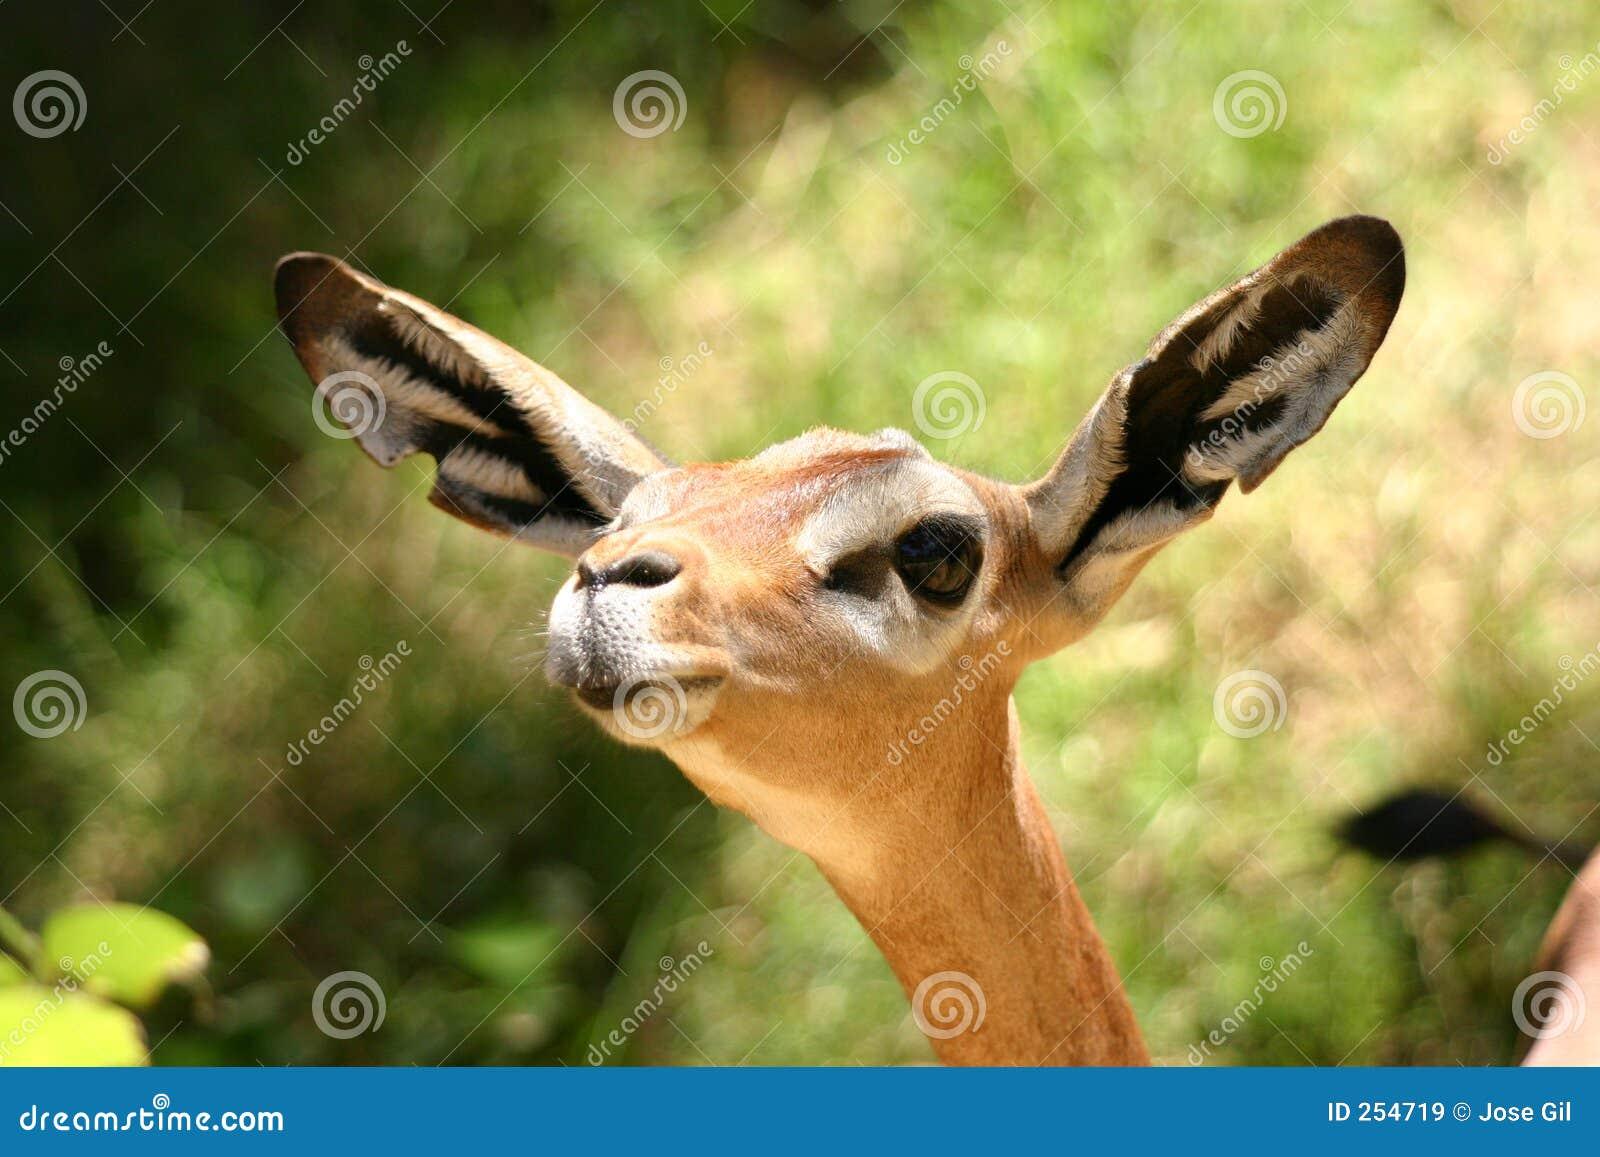 All Ears Deer Gerenuk Royalty Free Stock Images Image 254719